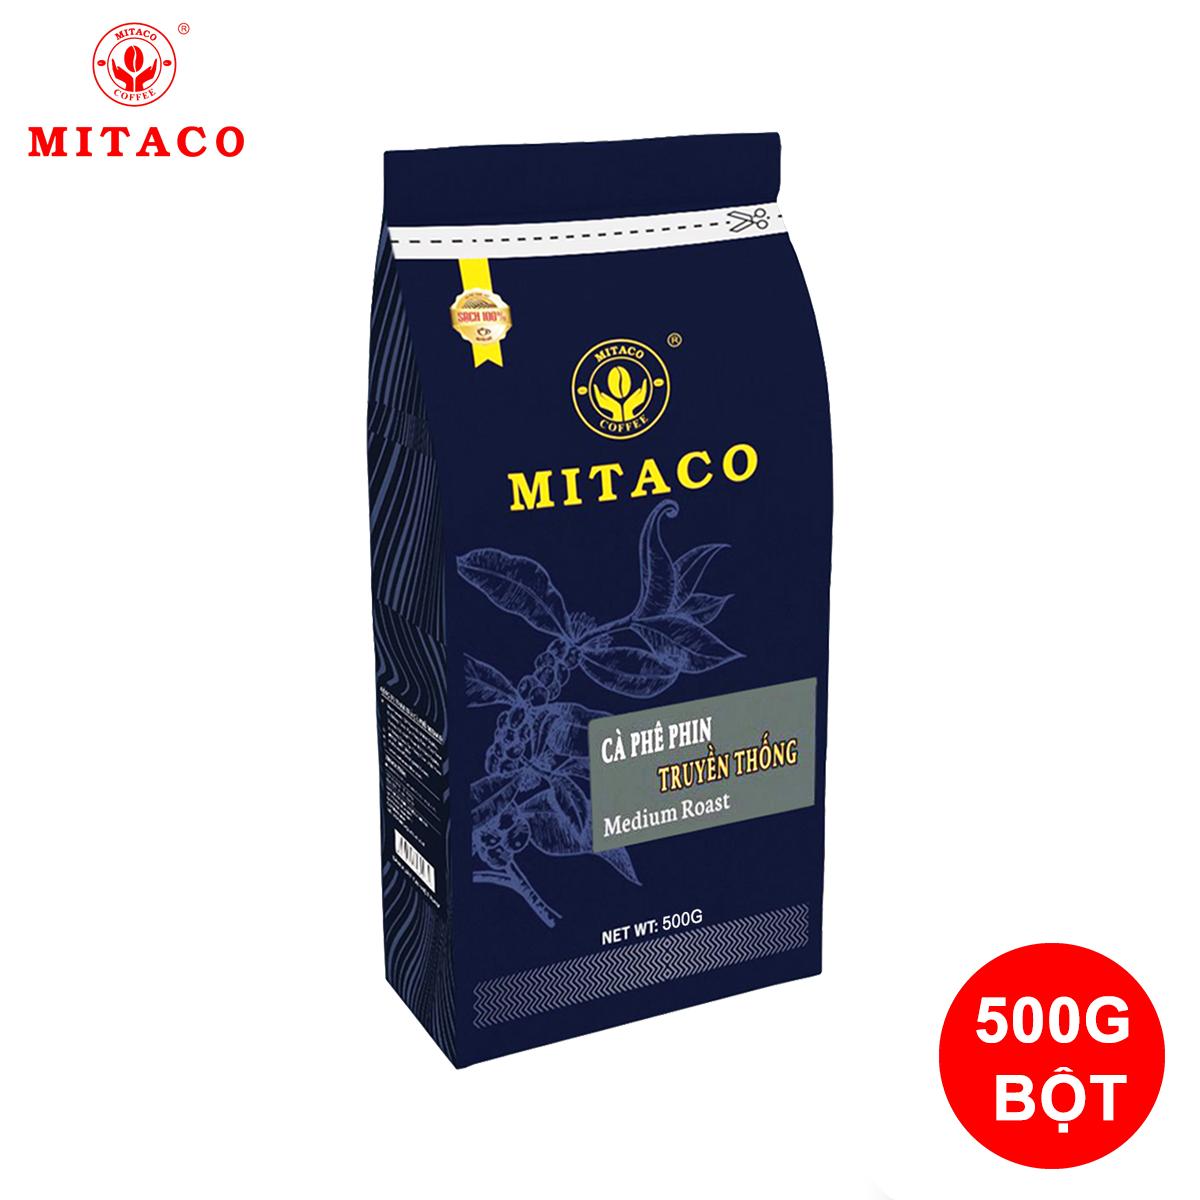 Cà Phê Phin Truyền Thống Dạng Bột 500g - Gu Vị Truyền Thống Sạch Nguyên Chất 100%  - MITACO COFFEE